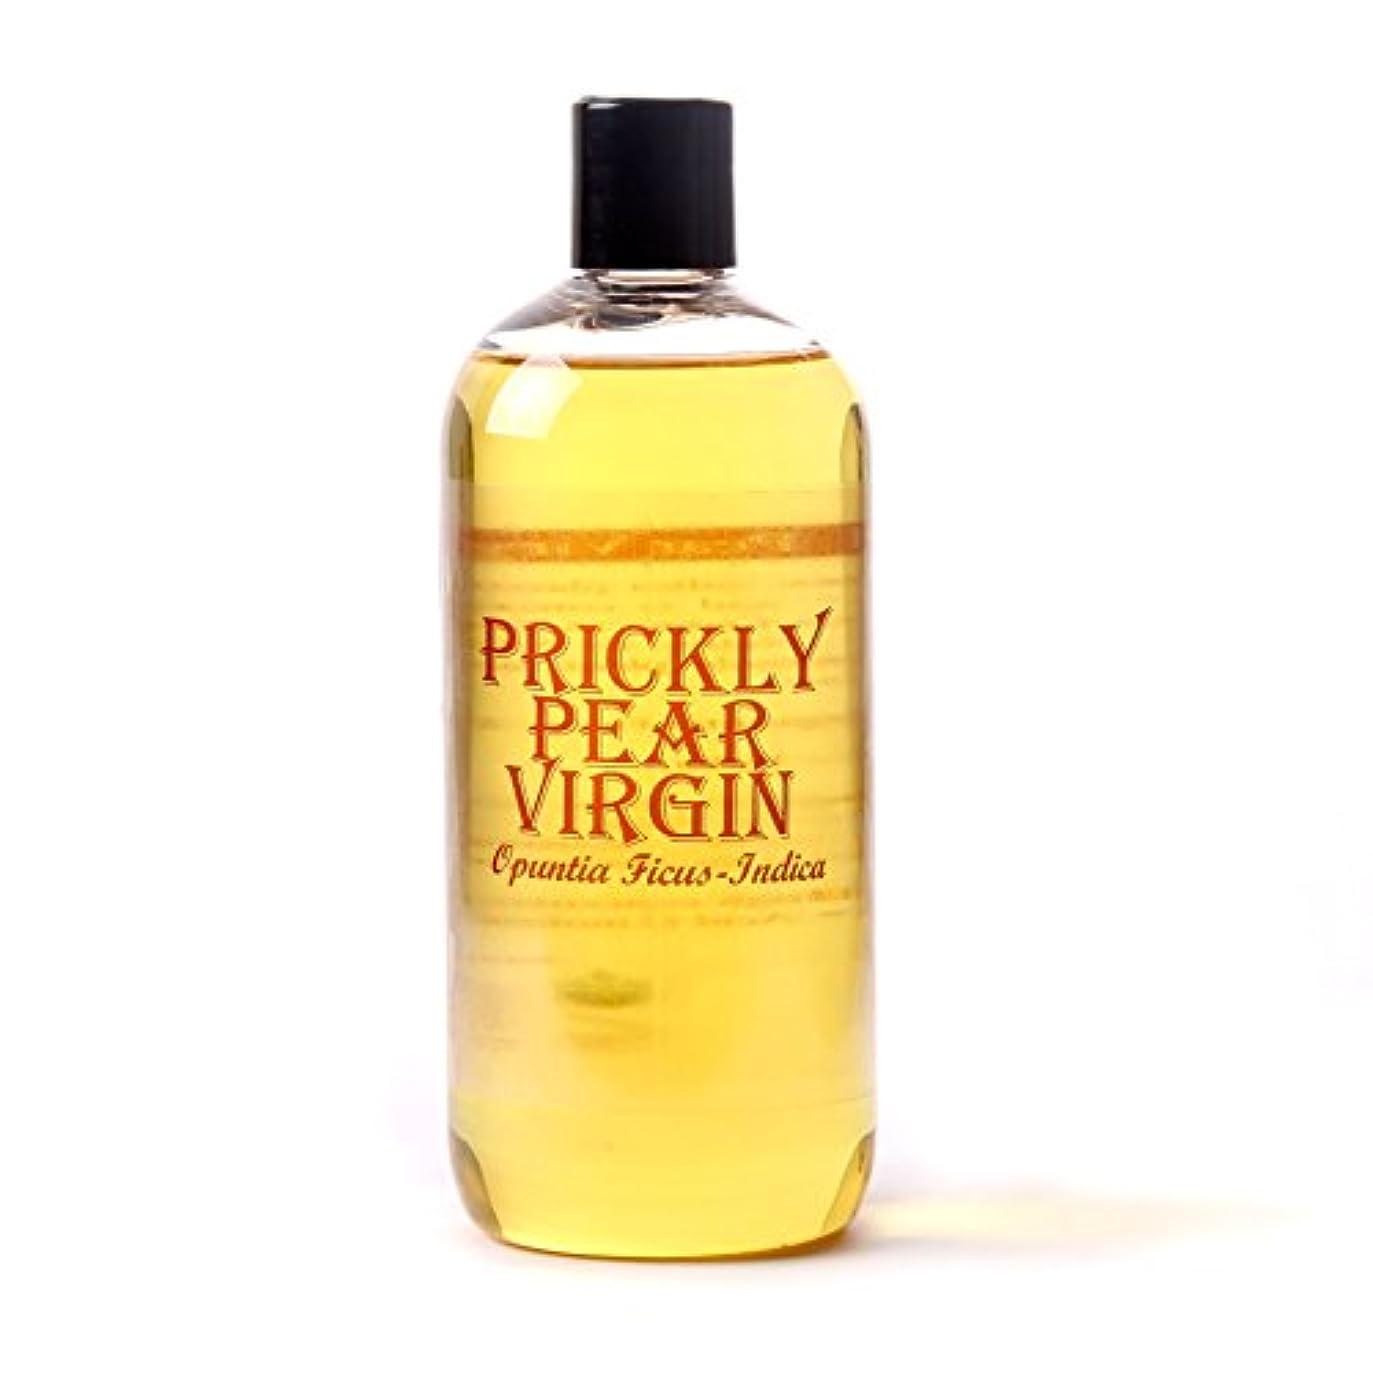 前提条件介入する採用するPrickly Pear Virgin Carrier Oil - 100% Pure - 1 Litre